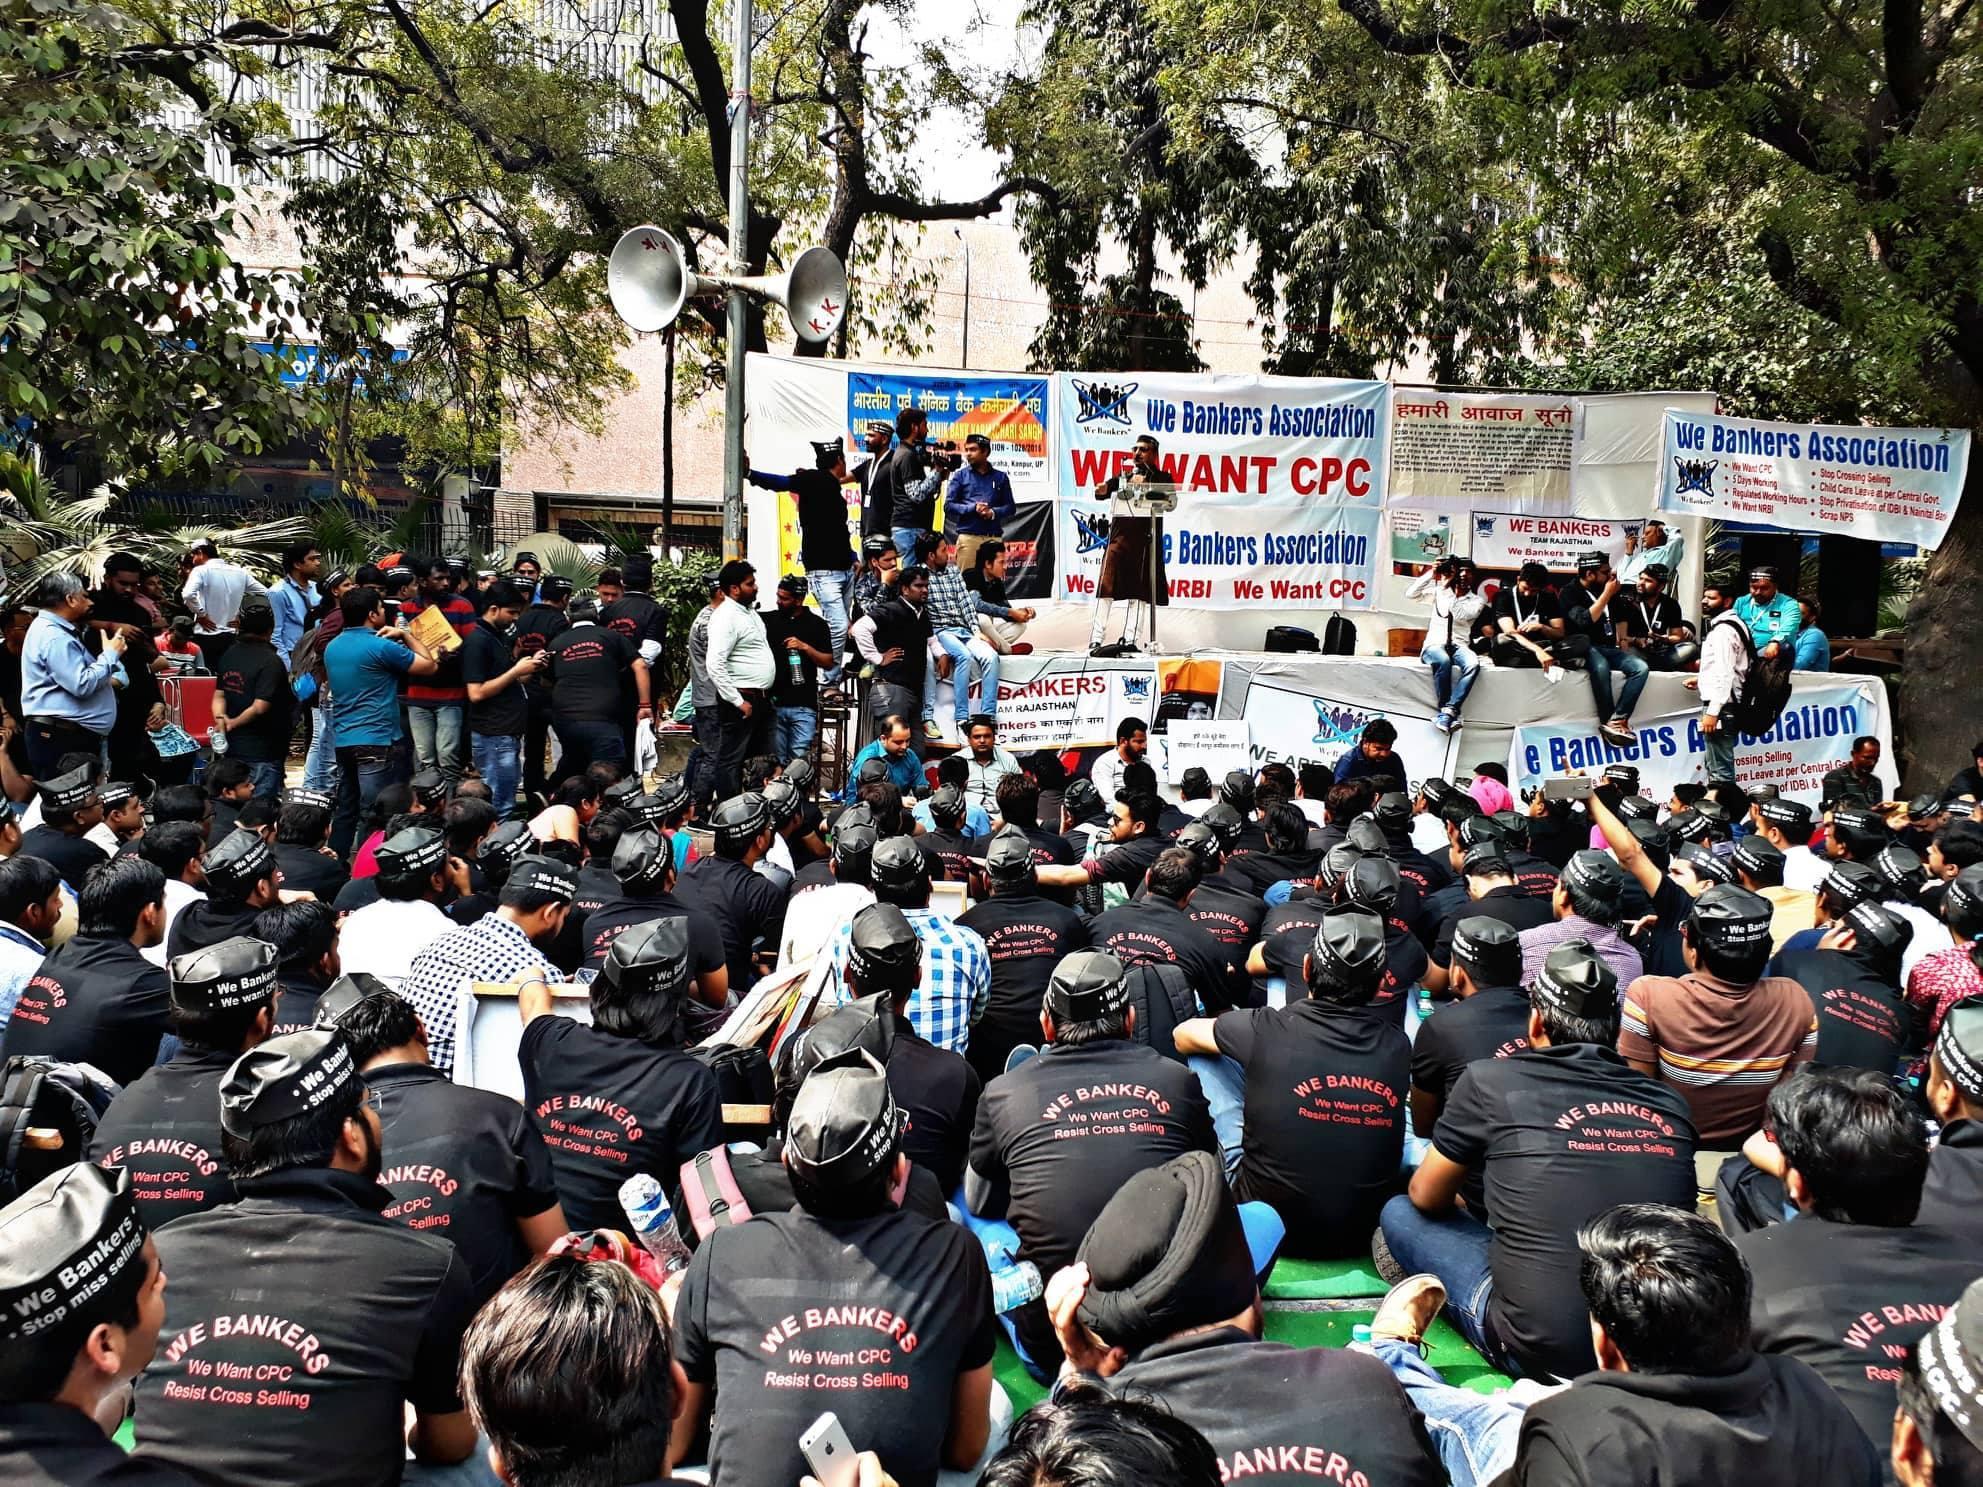 دہلی کے سنسد مارگ پر مظاہرہ کر رہے بینک ملازم۔ (فوٹو : پرشانت کنوجیا)